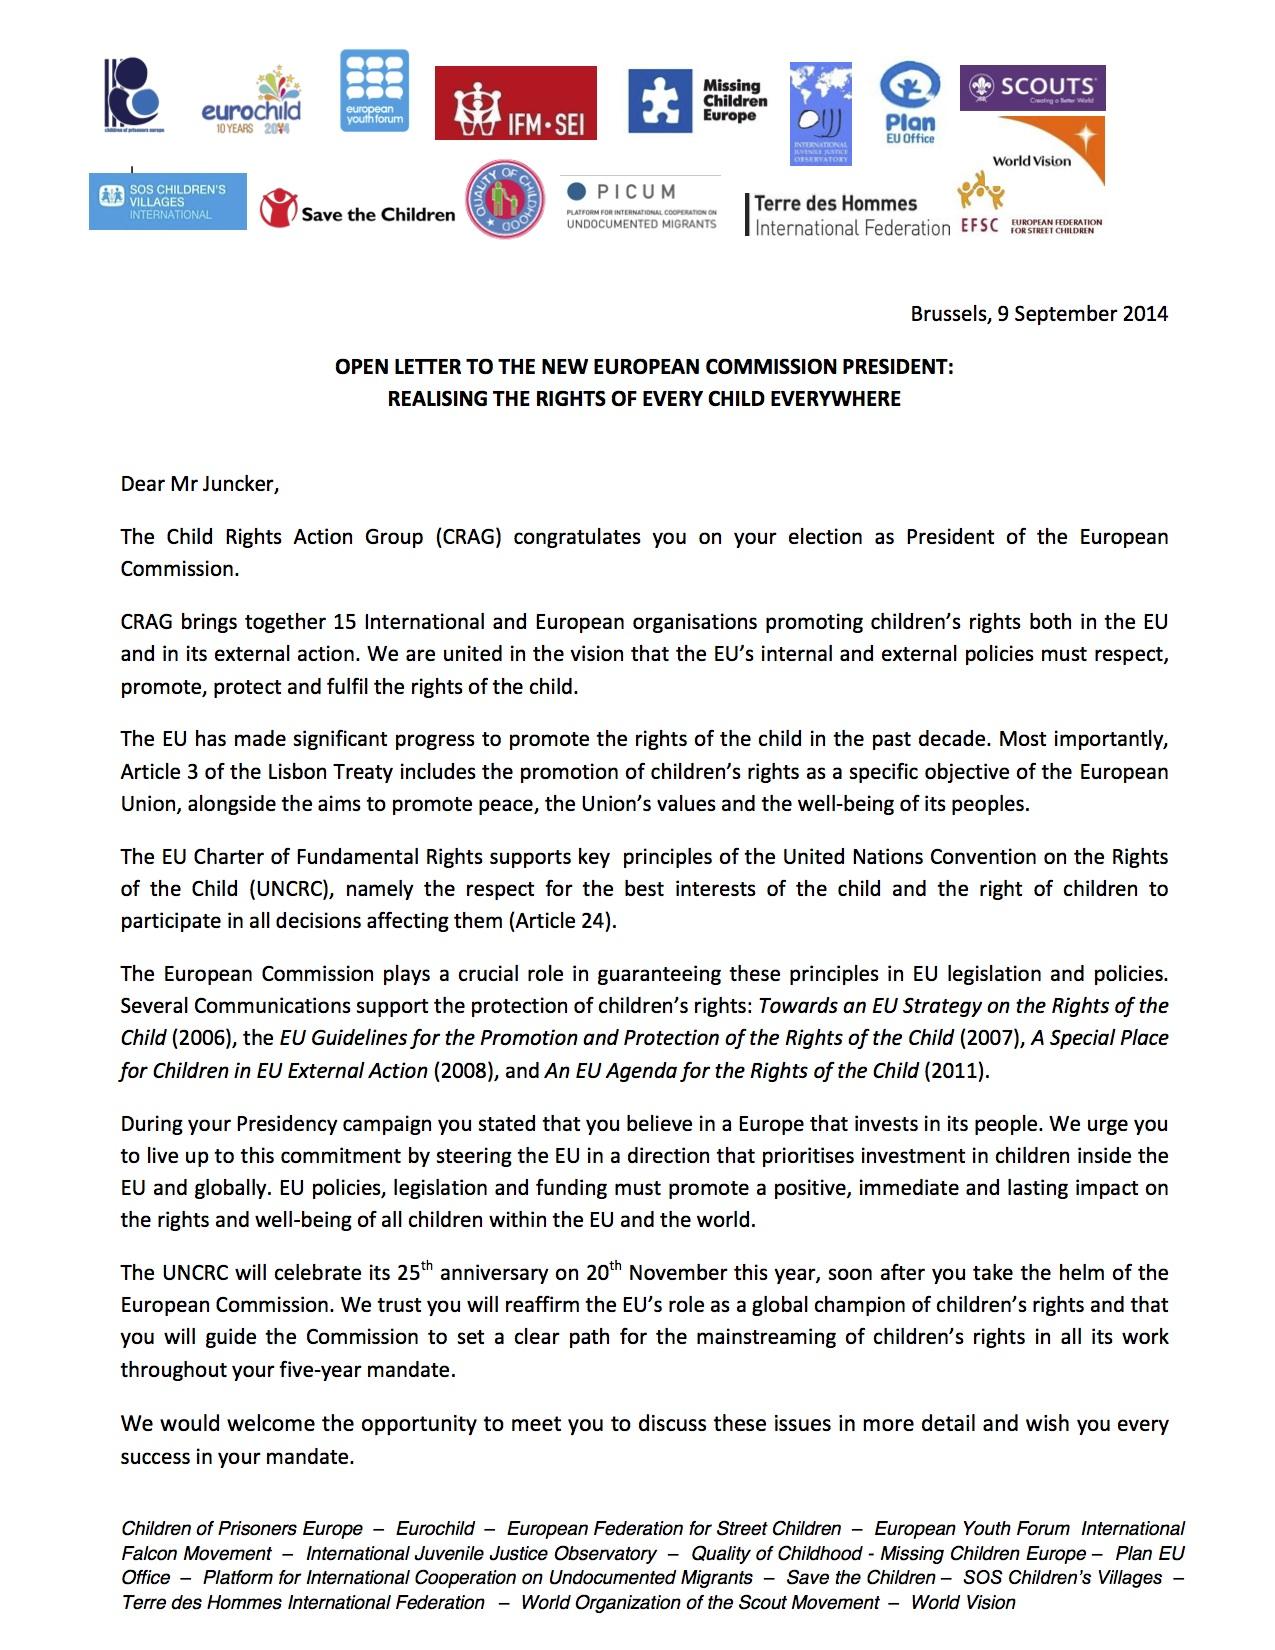 CRAG-open-letter-Jean-Claude-Juncker_Sept2014